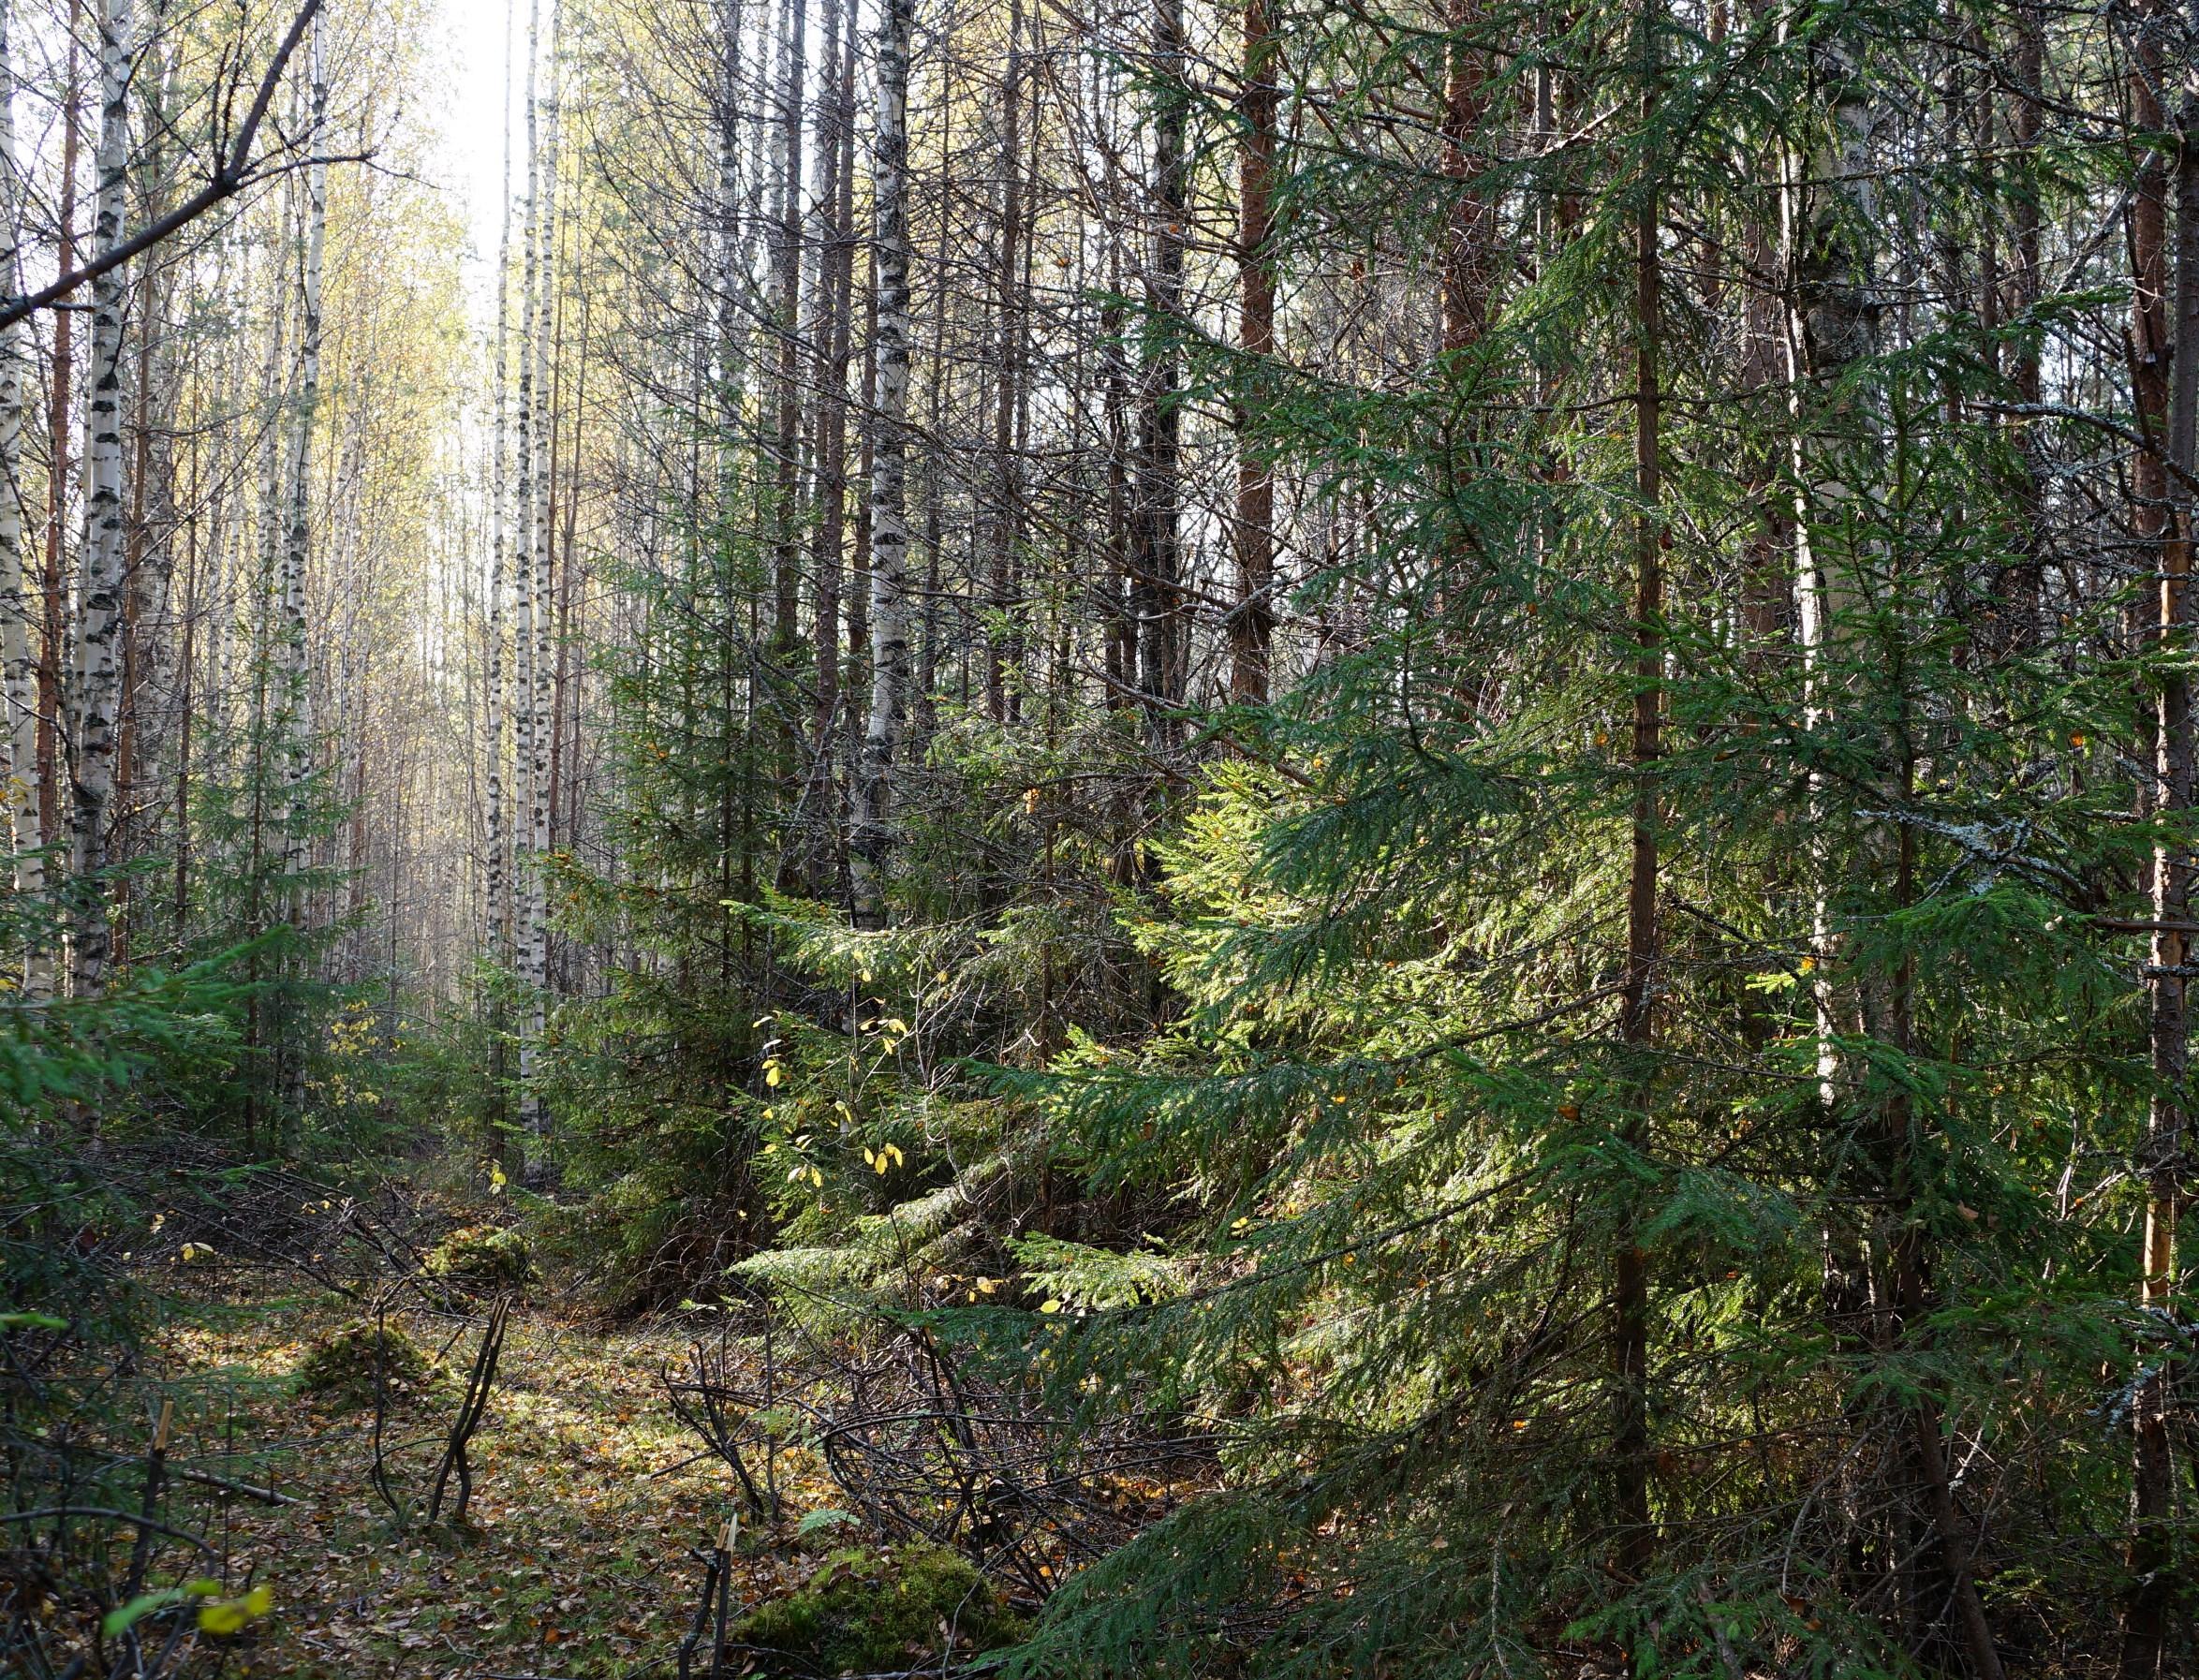 Новая «Лесная повестка до 2030 года» от IKEA: для улучшения управления лесами и сохранения биоразнообразия